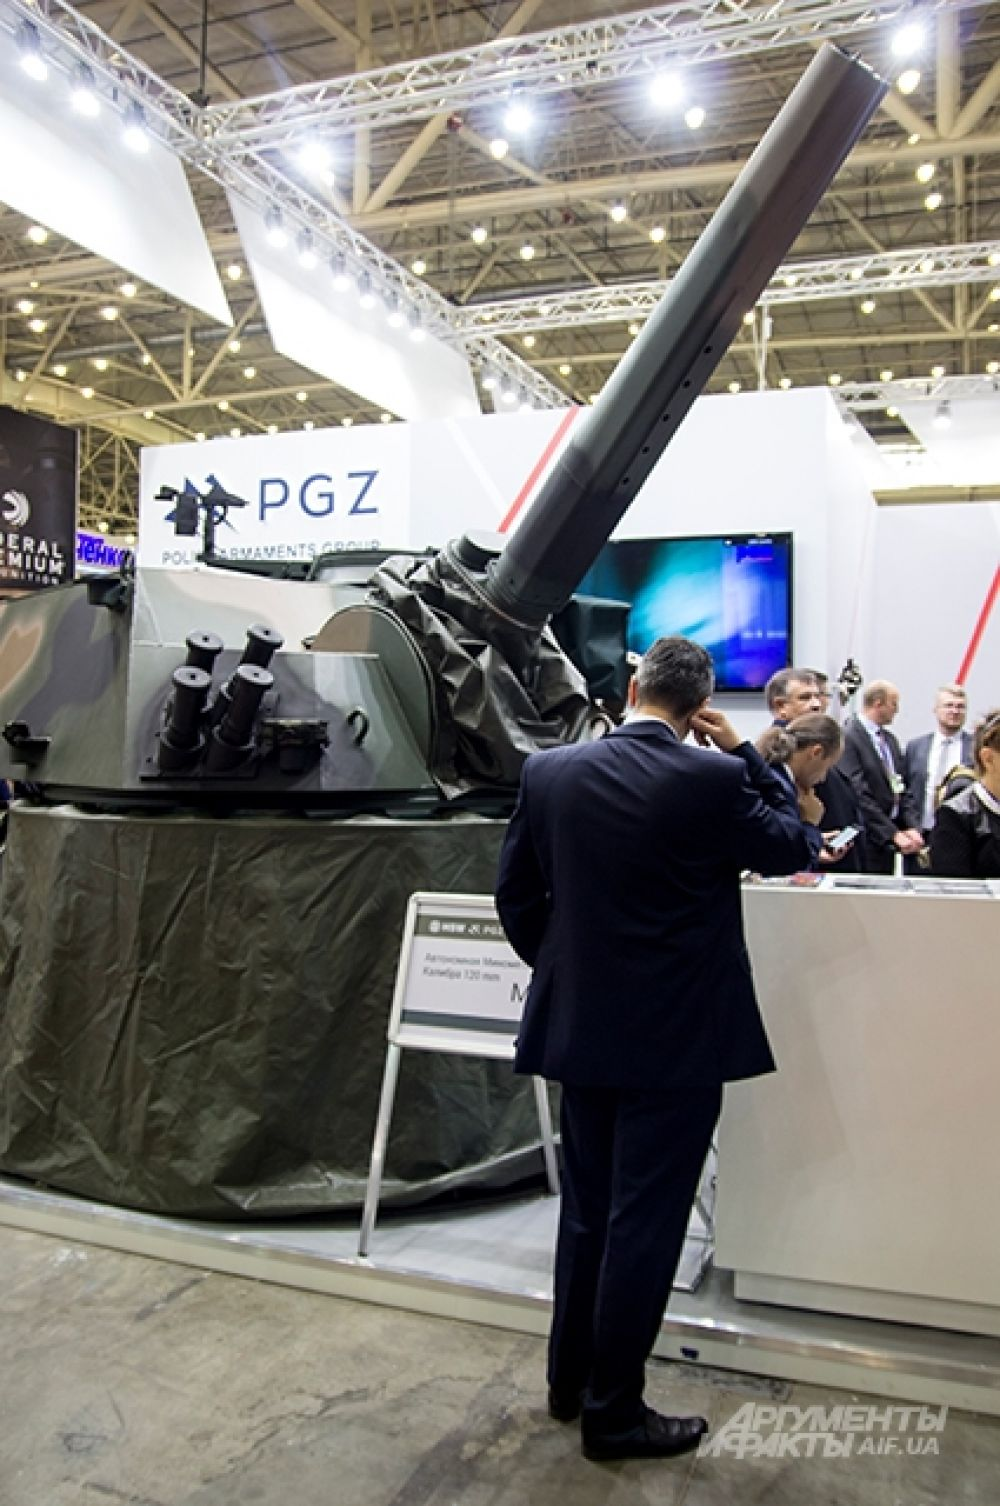 Одной из главных польских новинок была Автономная минометная башня М120 с калибром 120 мм.